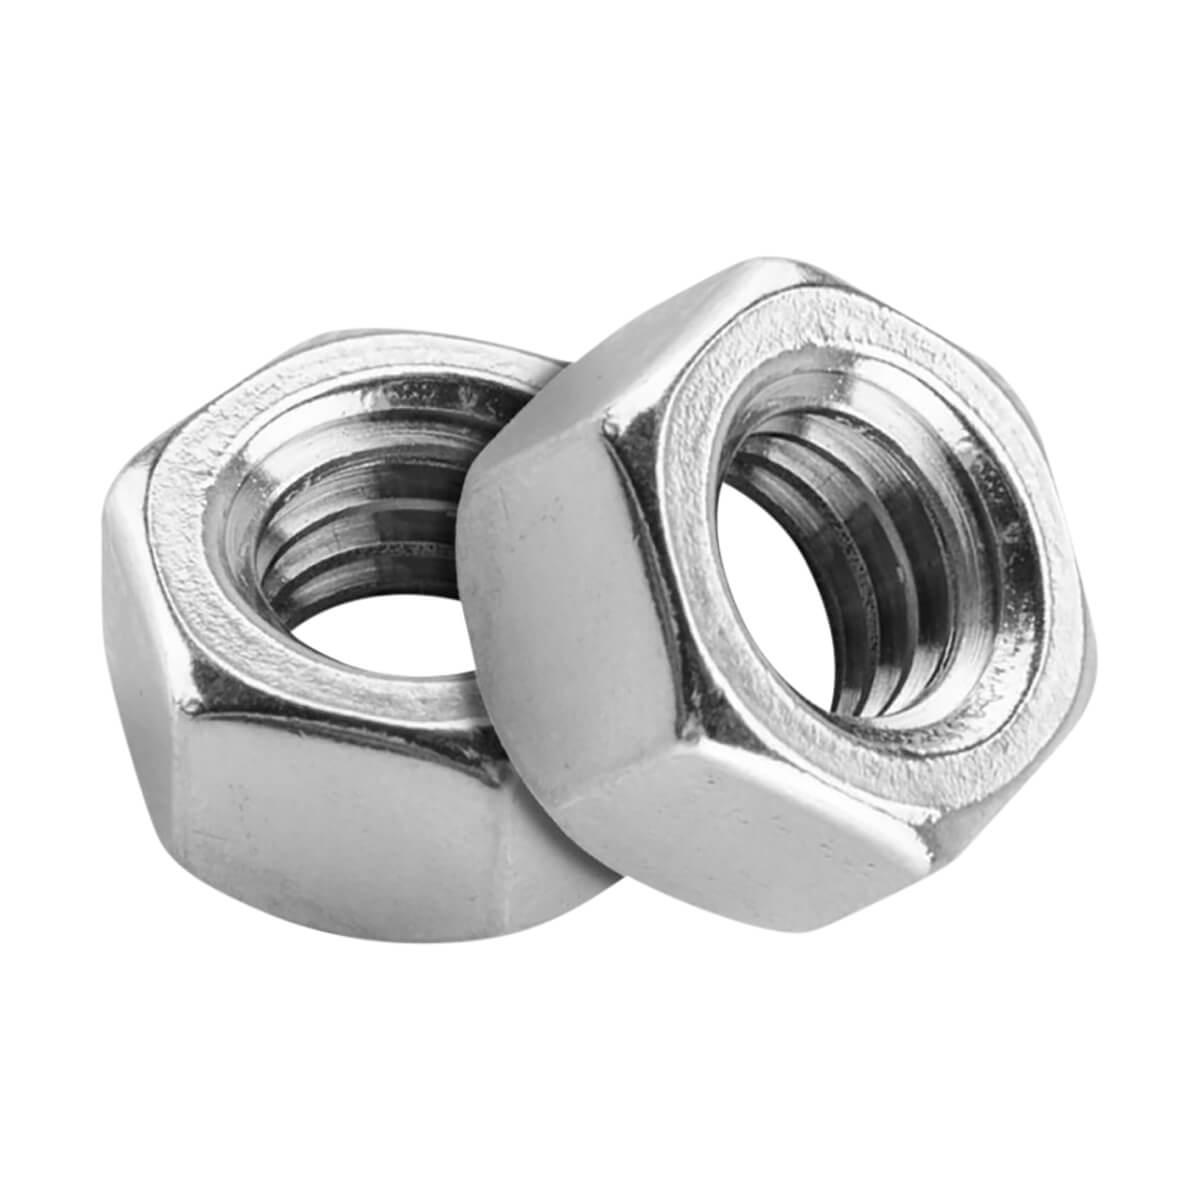 Hexagonal Nut - Zinc Plated - M6 X 1.0 Pitch - 6 Pack